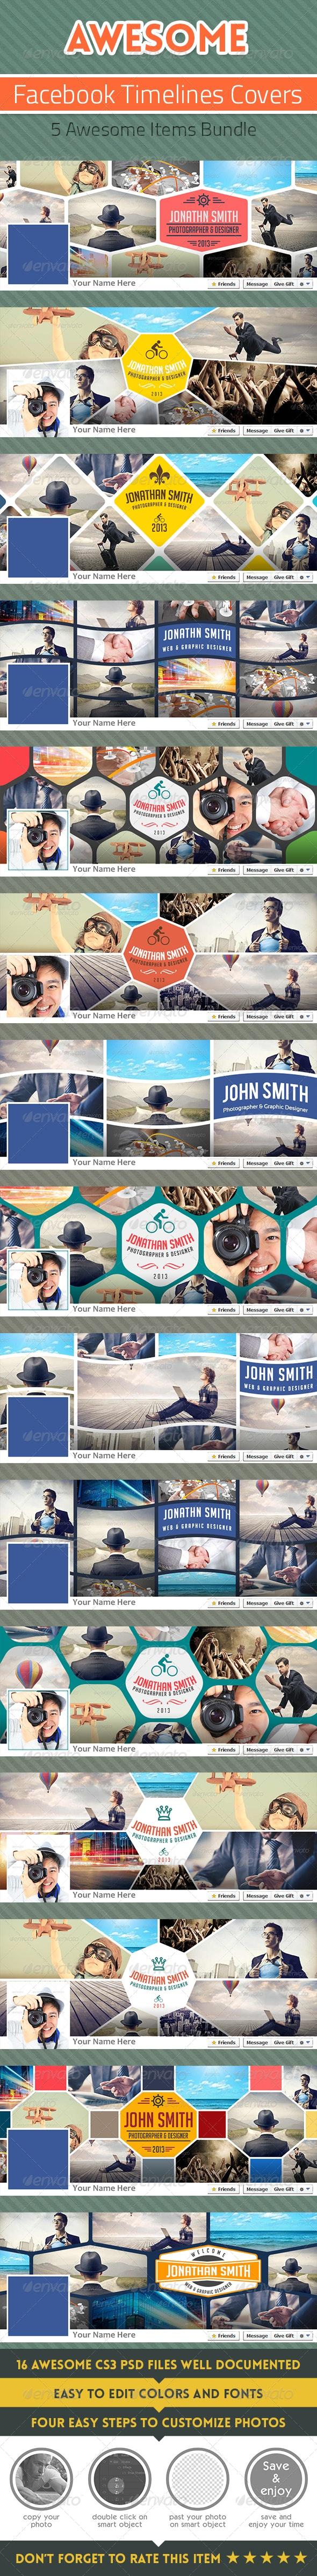 Bundle - Facebook Timelines Covers - Facebook Timeline Covers Social Media